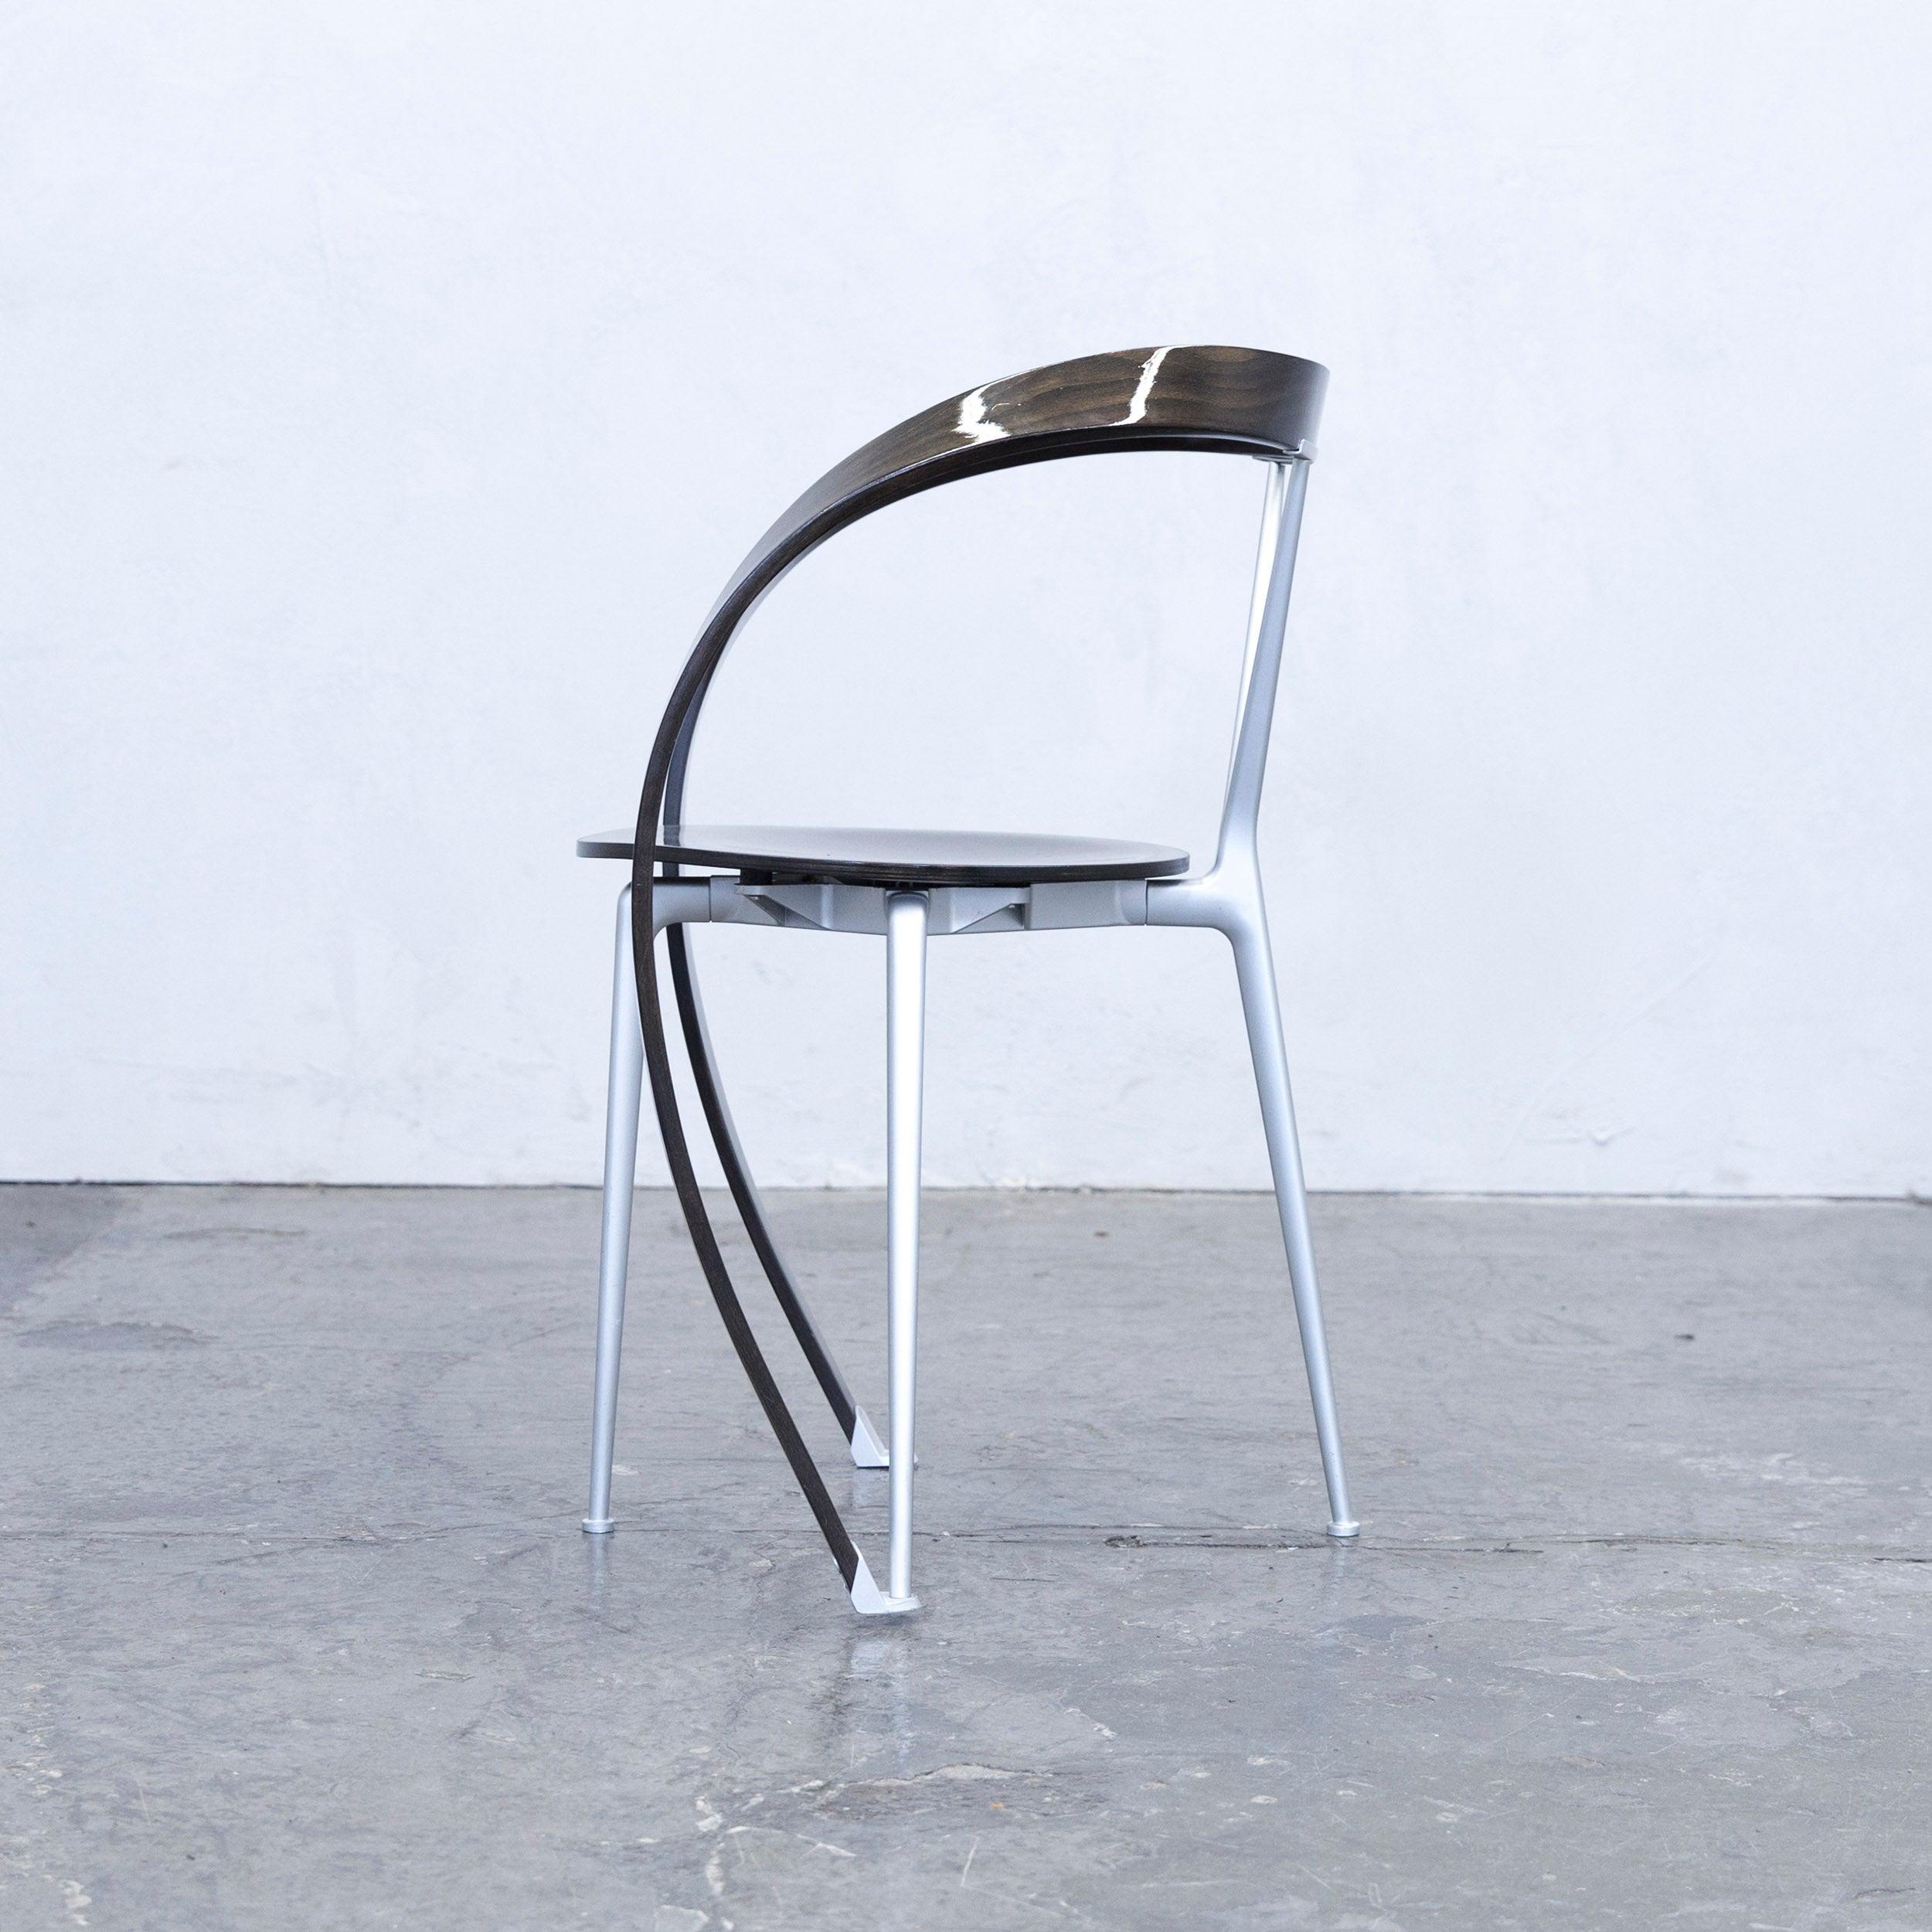 Designer Metall. Top Designer England Safilo Sa Pch Kz Beipk Metall ...